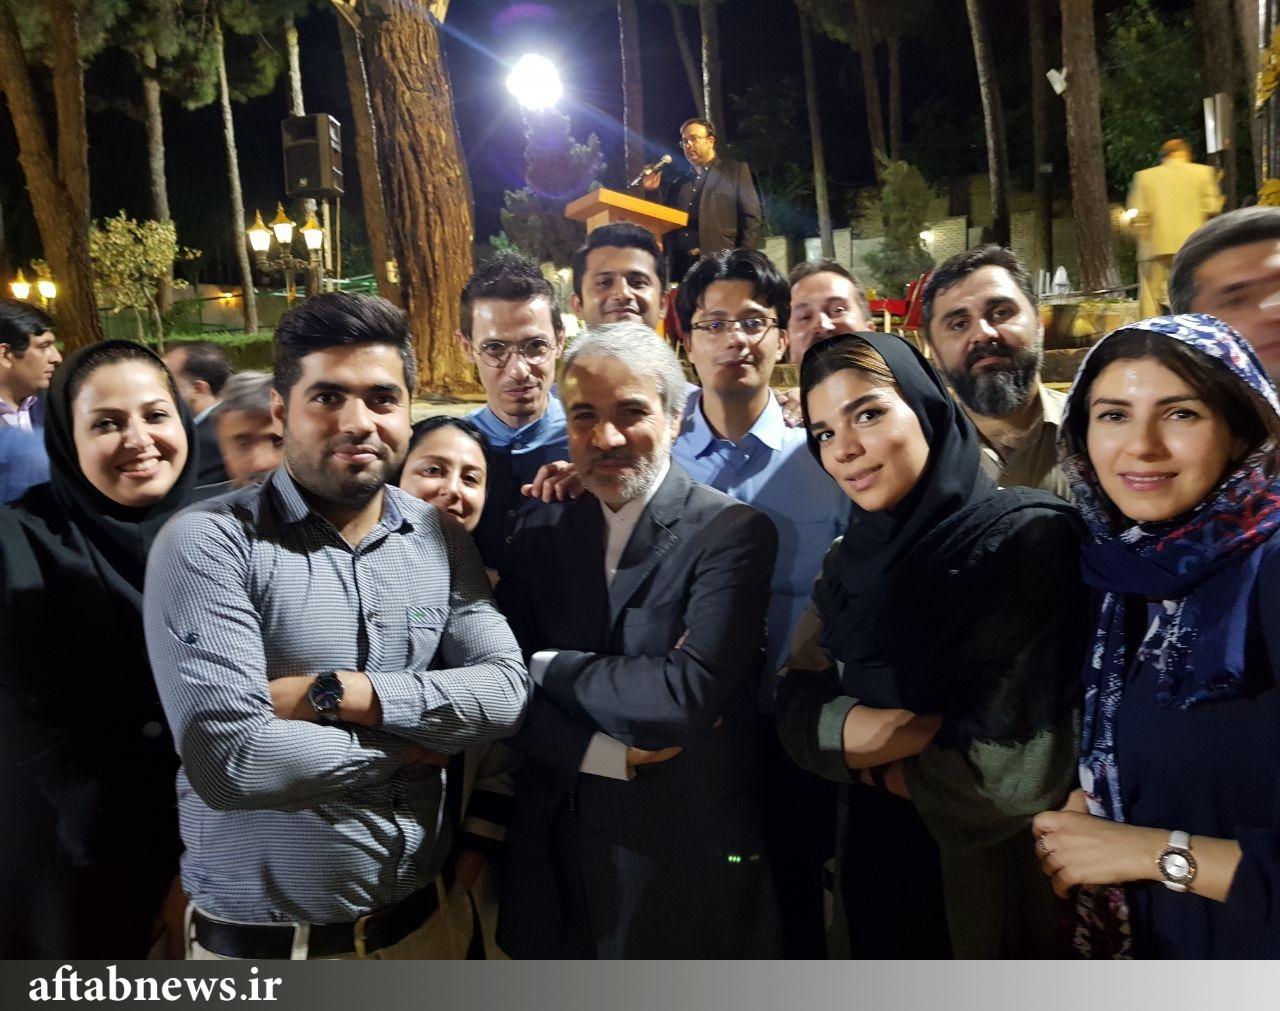 تصاویر / دیدار نوبخت با خبرنگاران در روز خبرنگار